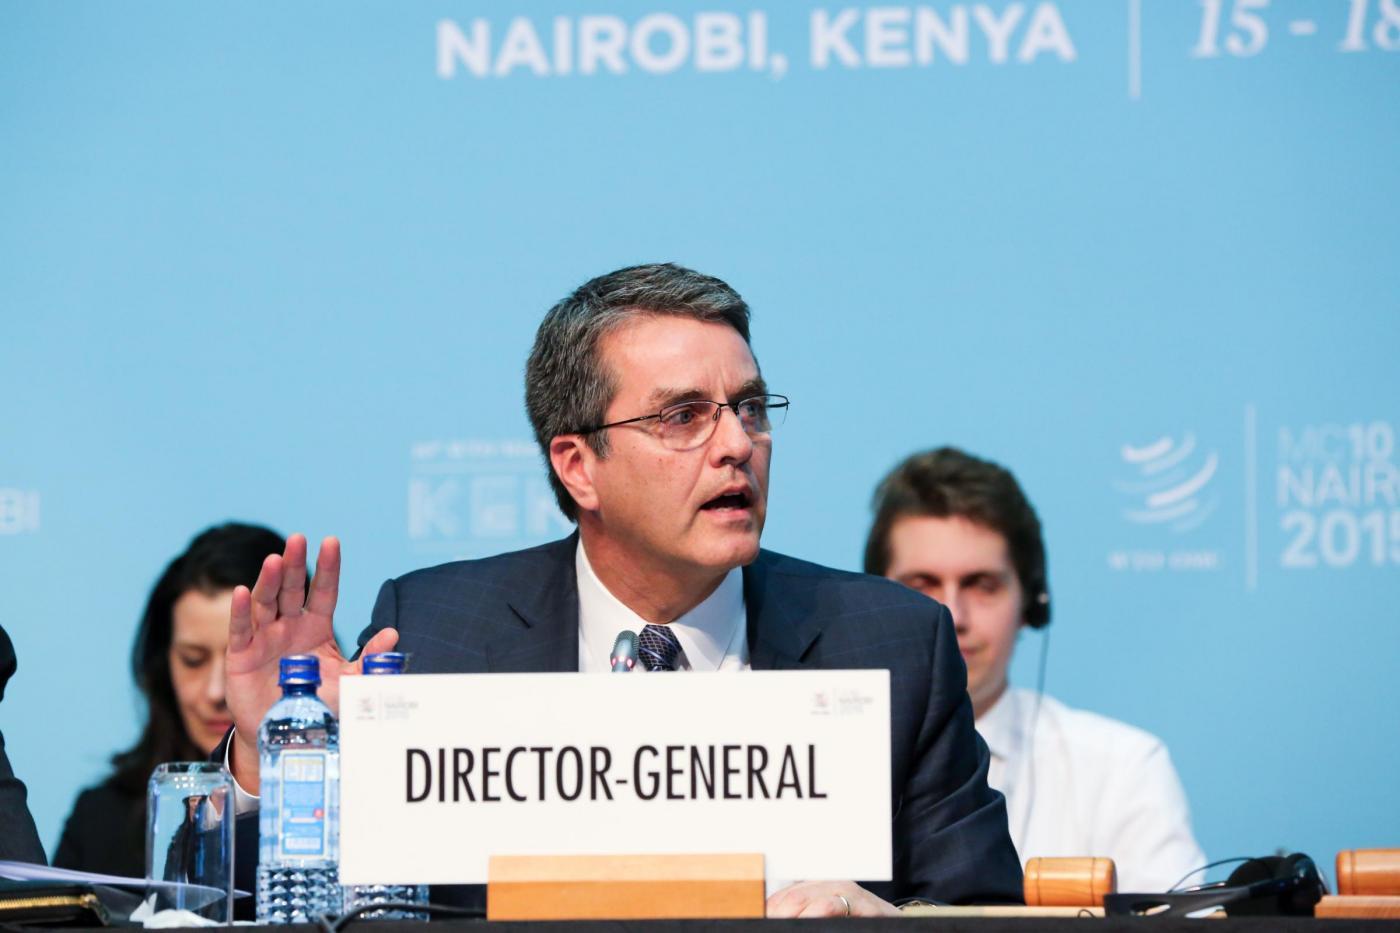 KENYA NAIROBI WTO CONFERENCE CLOSING